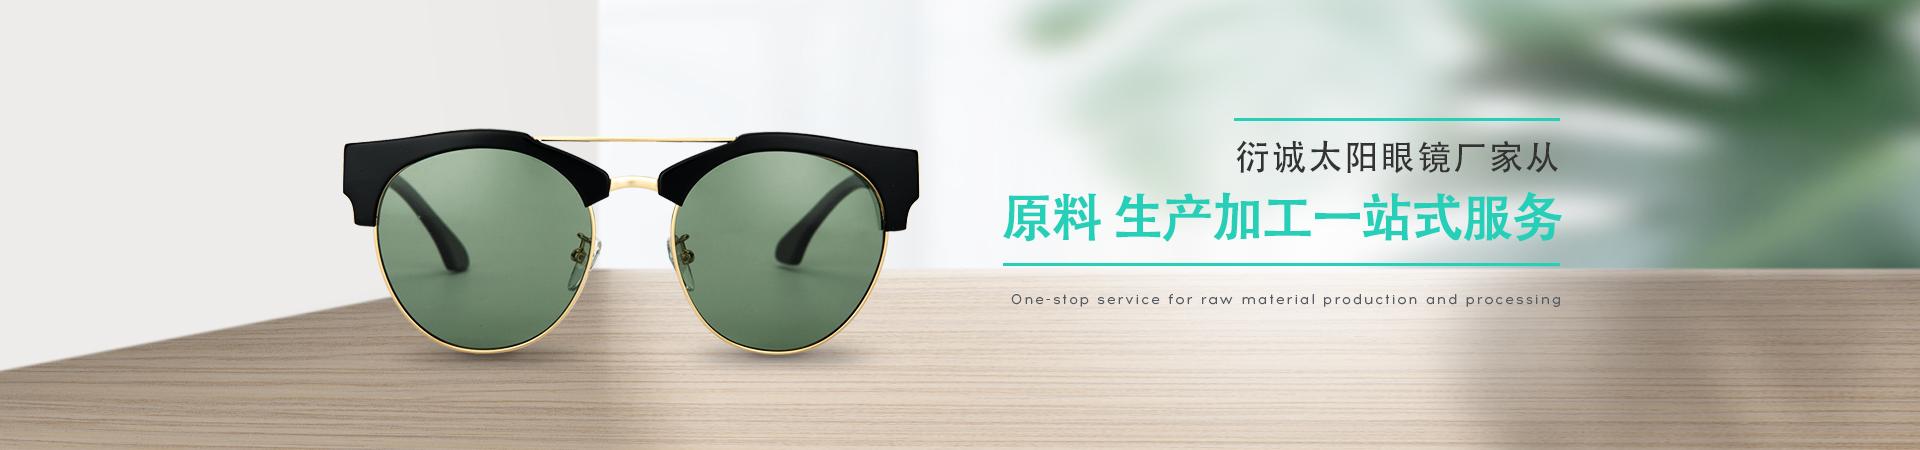 衍诚-原料 生产加工一站式服务